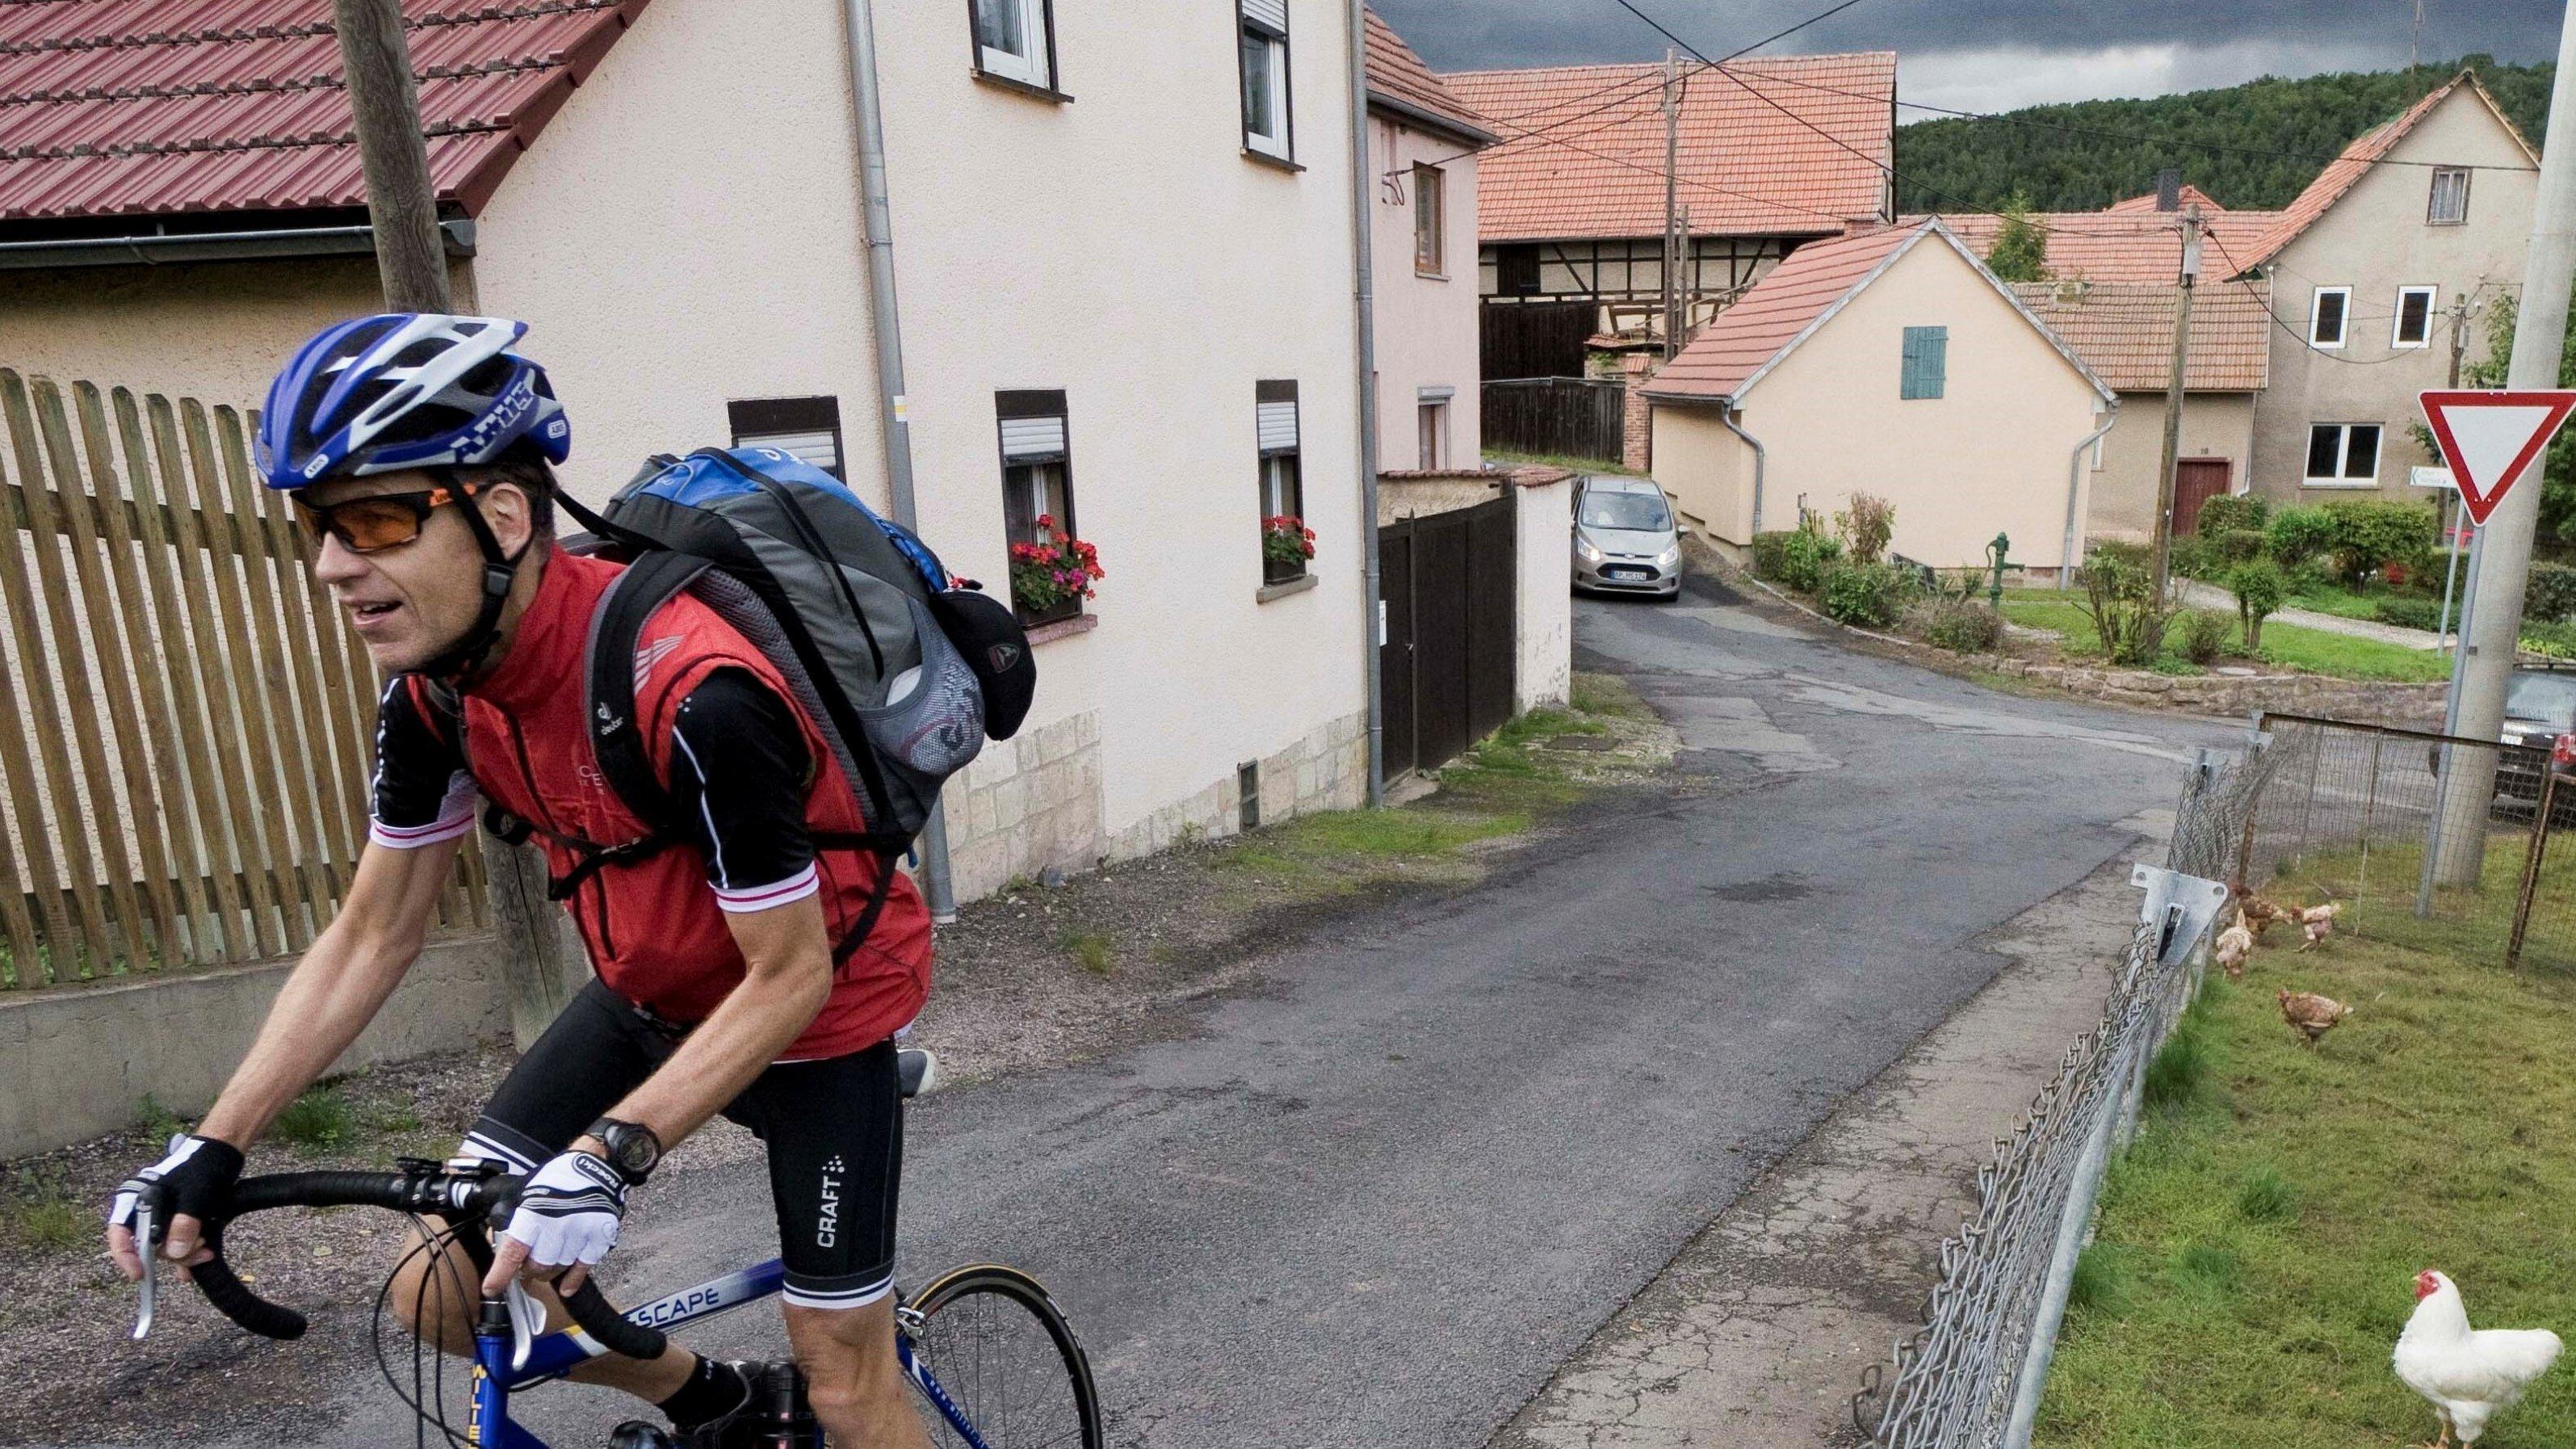 Bei widrigen Wetterverhältnissen steigt der RadelndeReporter in Nauenburg/Thüringen auf einem steilen, schlecht asfaltierten Sträßchen aus dem Sattel.